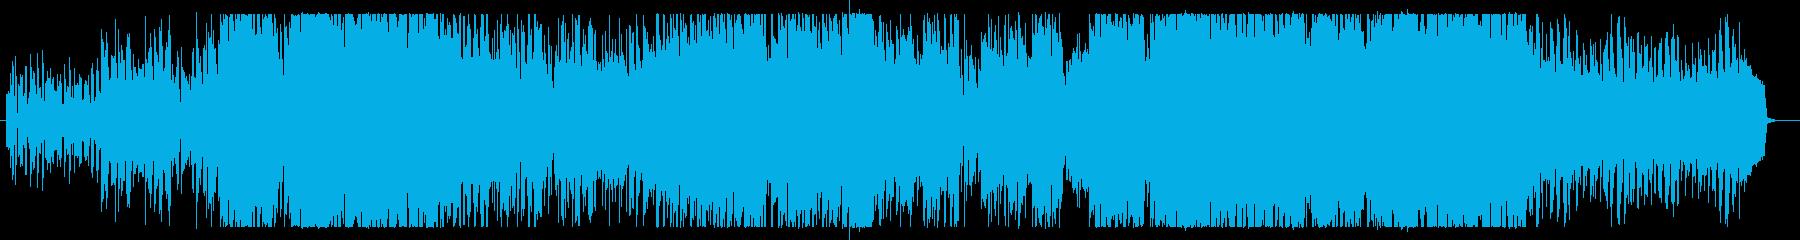 バンドサウンドのさわやかなポップスの再生済みの波形